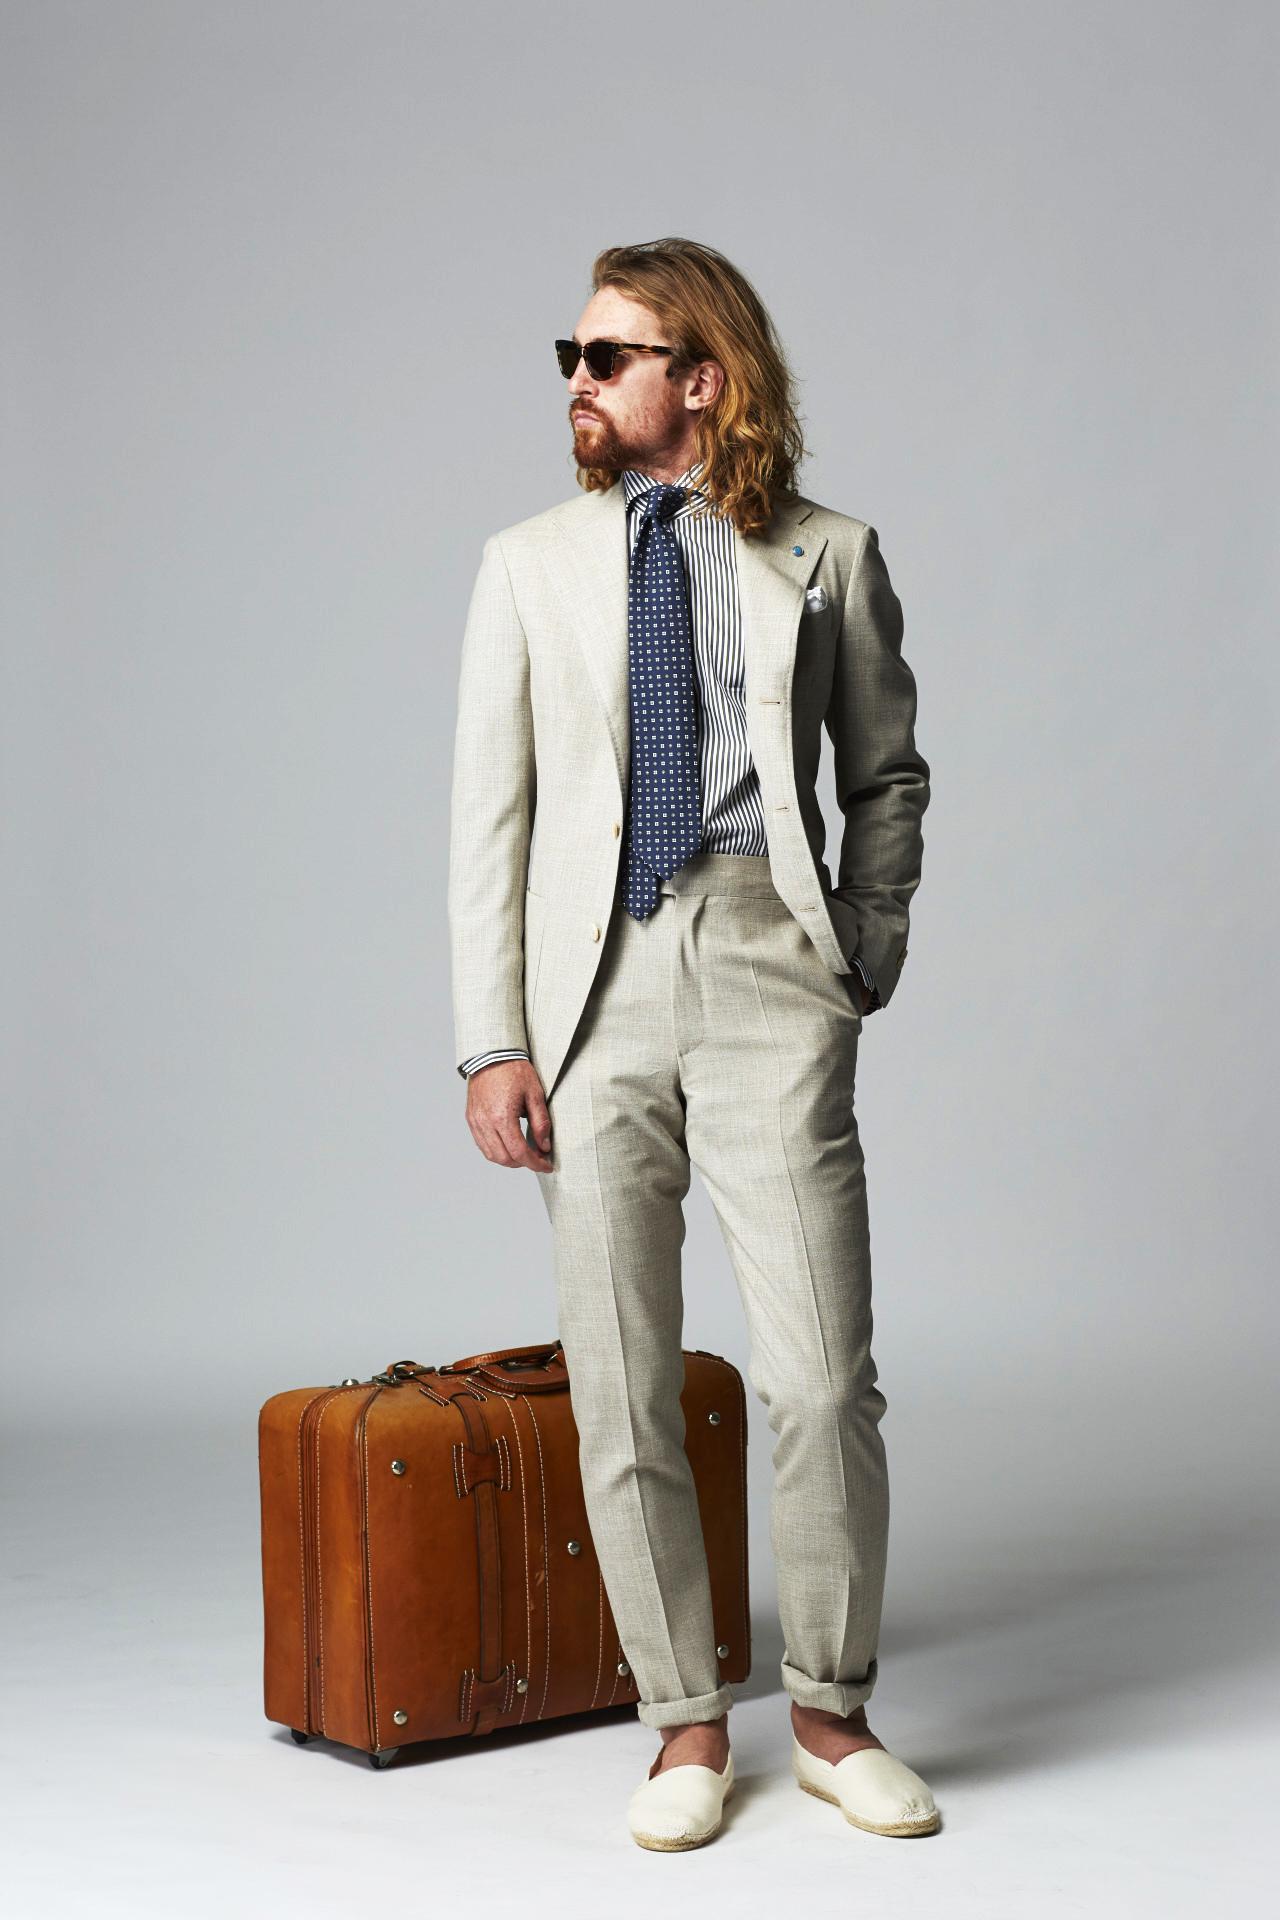 25 tips inför ditt nästa kostymköp – King Magazine a17159ce053c5